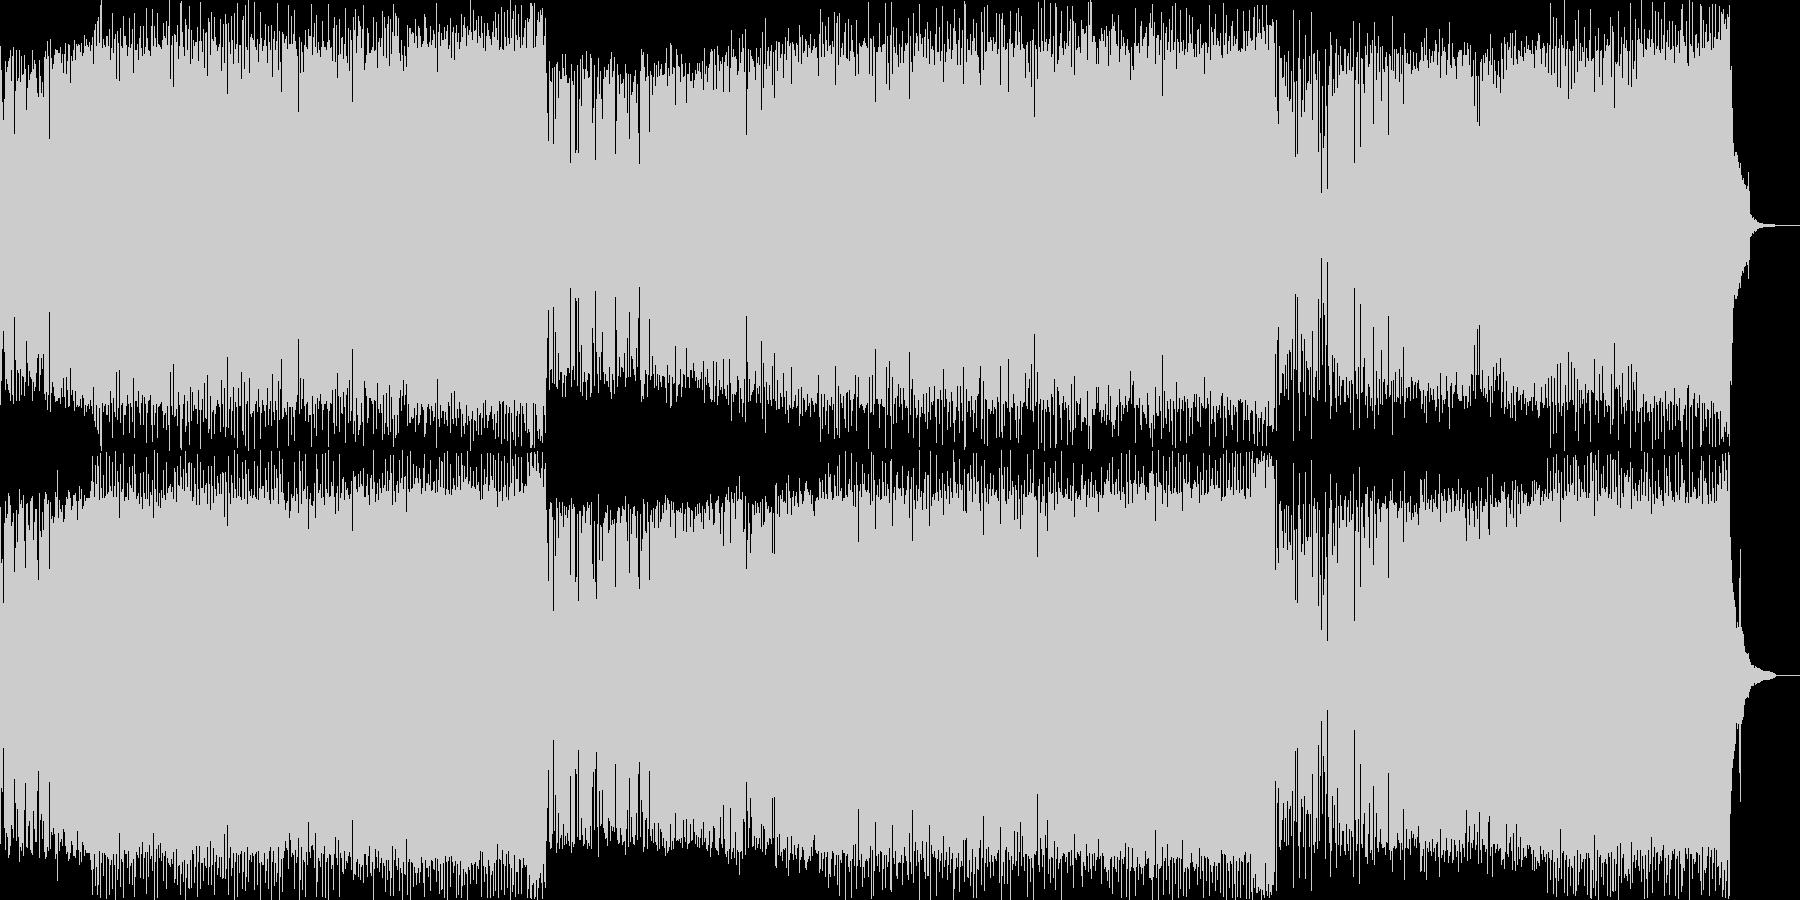 ノリの良いフュージョンダンスミュージックの未再生の波形